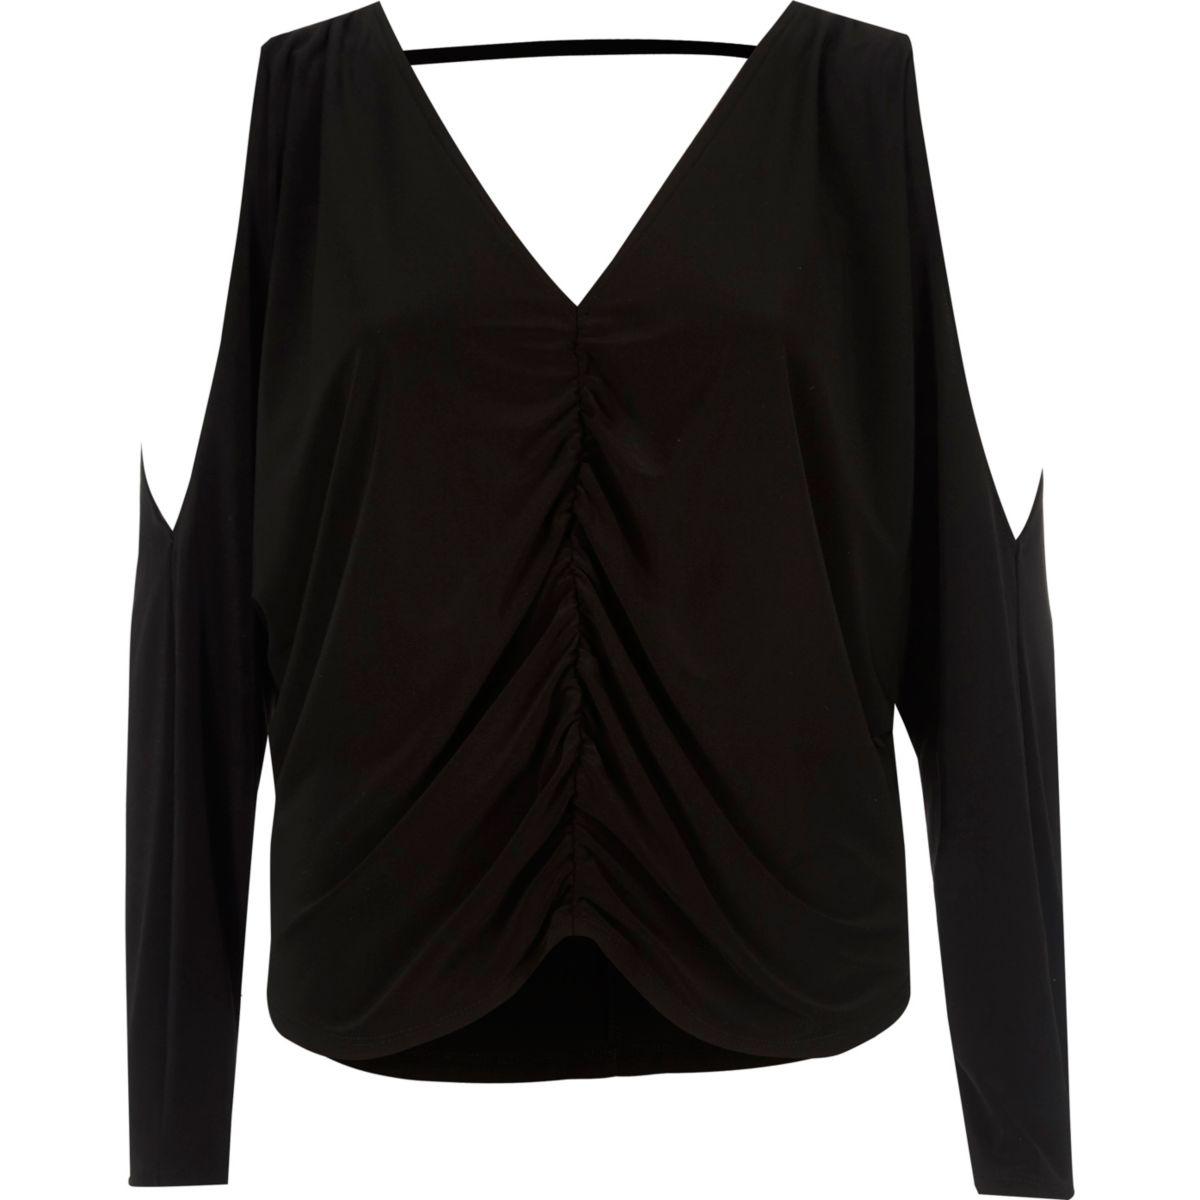 Zwarte schouderloze top met vleermuismouwen en gerimpelde voorkant